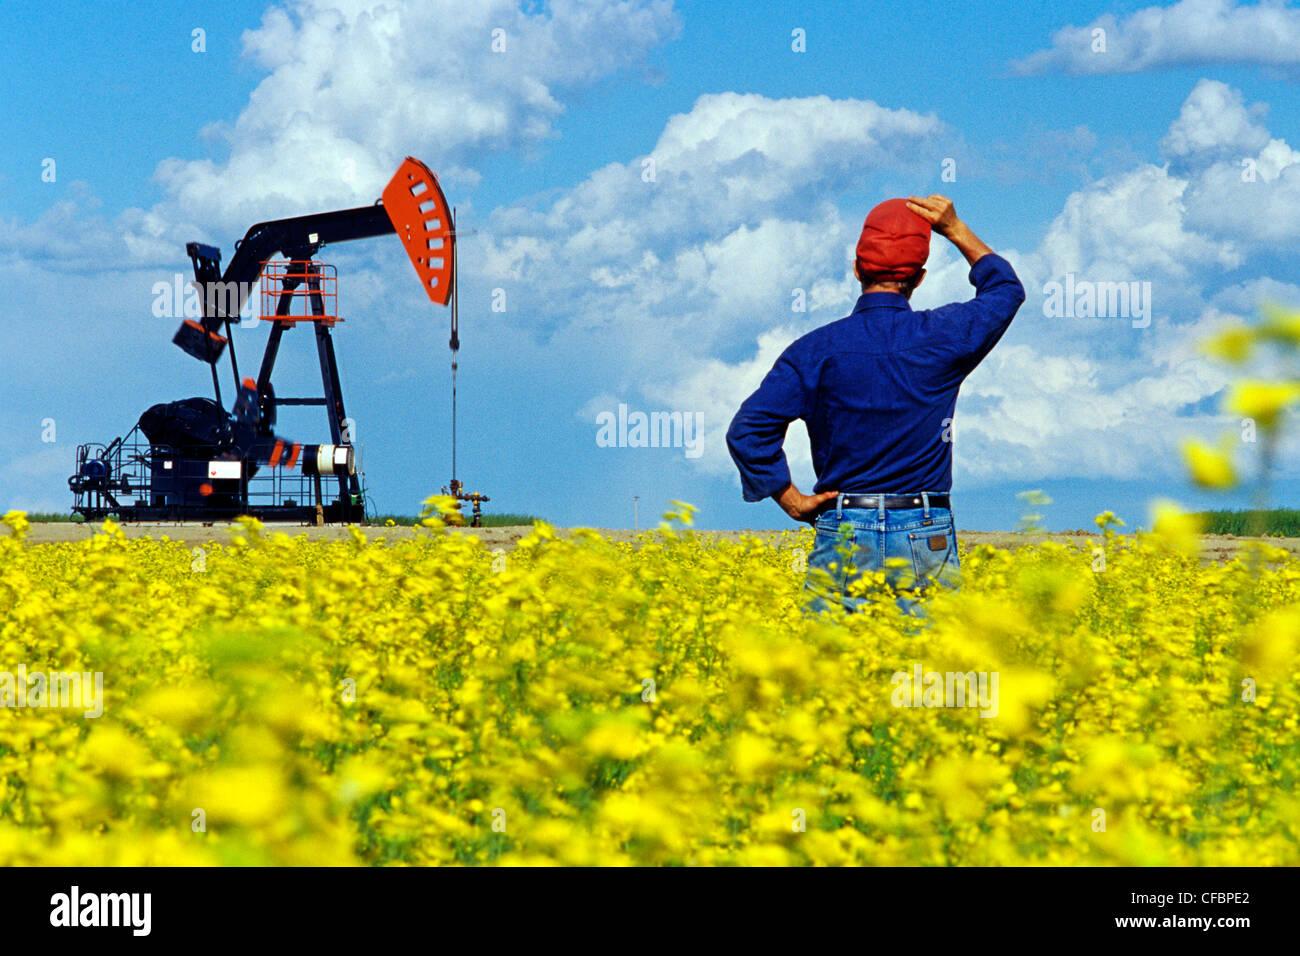 Un homme donne sur un champ de colza en fleurs avec de l'huile à l'arrière-plan pumpjack près de Carlyle, Saskatchewan, Canada Banque D'Images